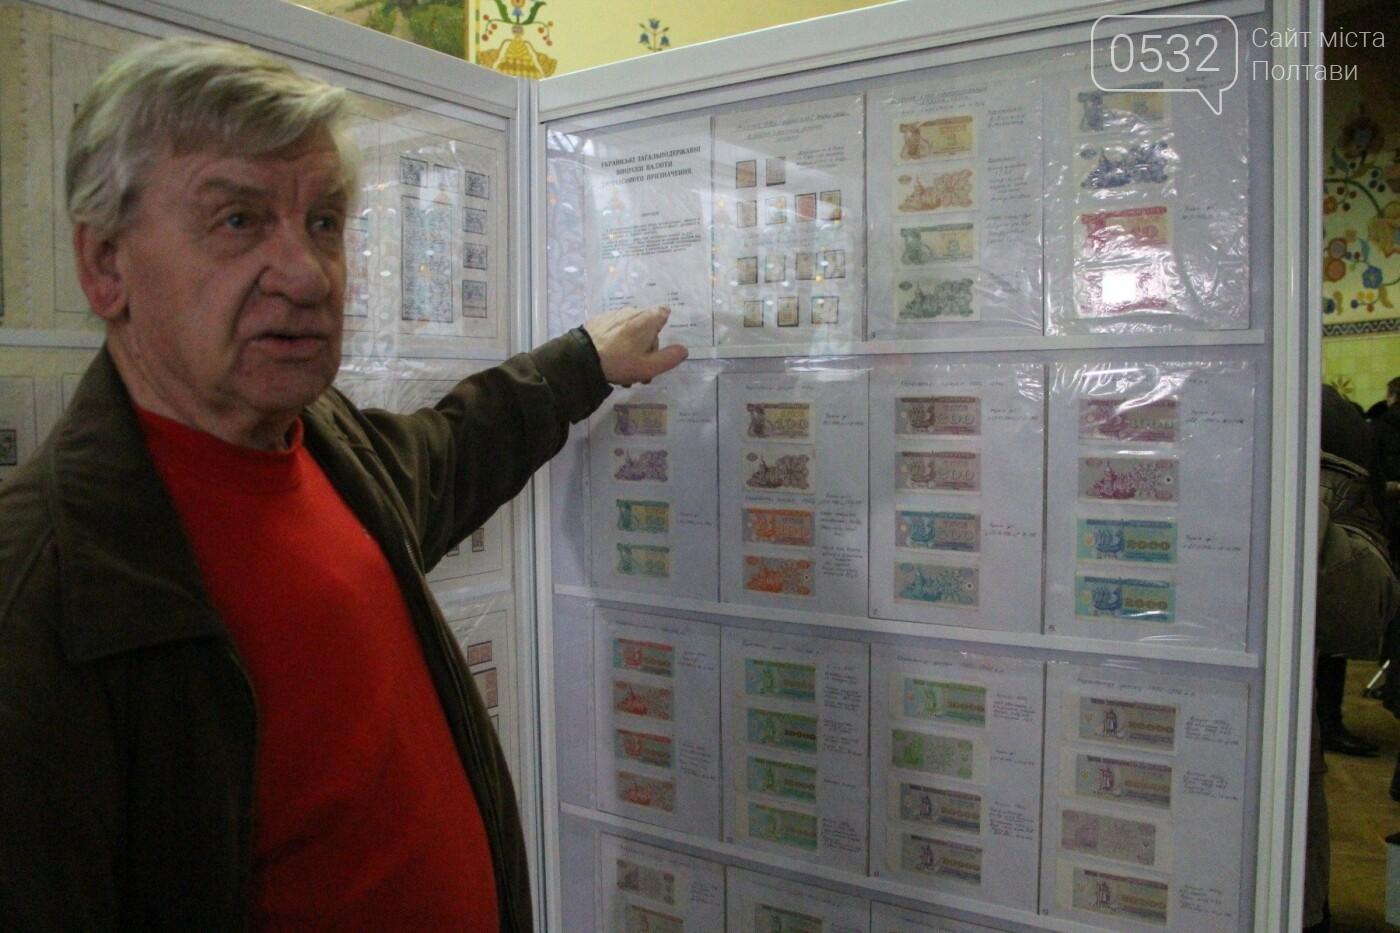 Філателіст із Полтави розповів про німецькі марки із Гітлером, марки СРСР за 5 тисяч доларів та англійську марку за 9,5 мільйонів, фото-1